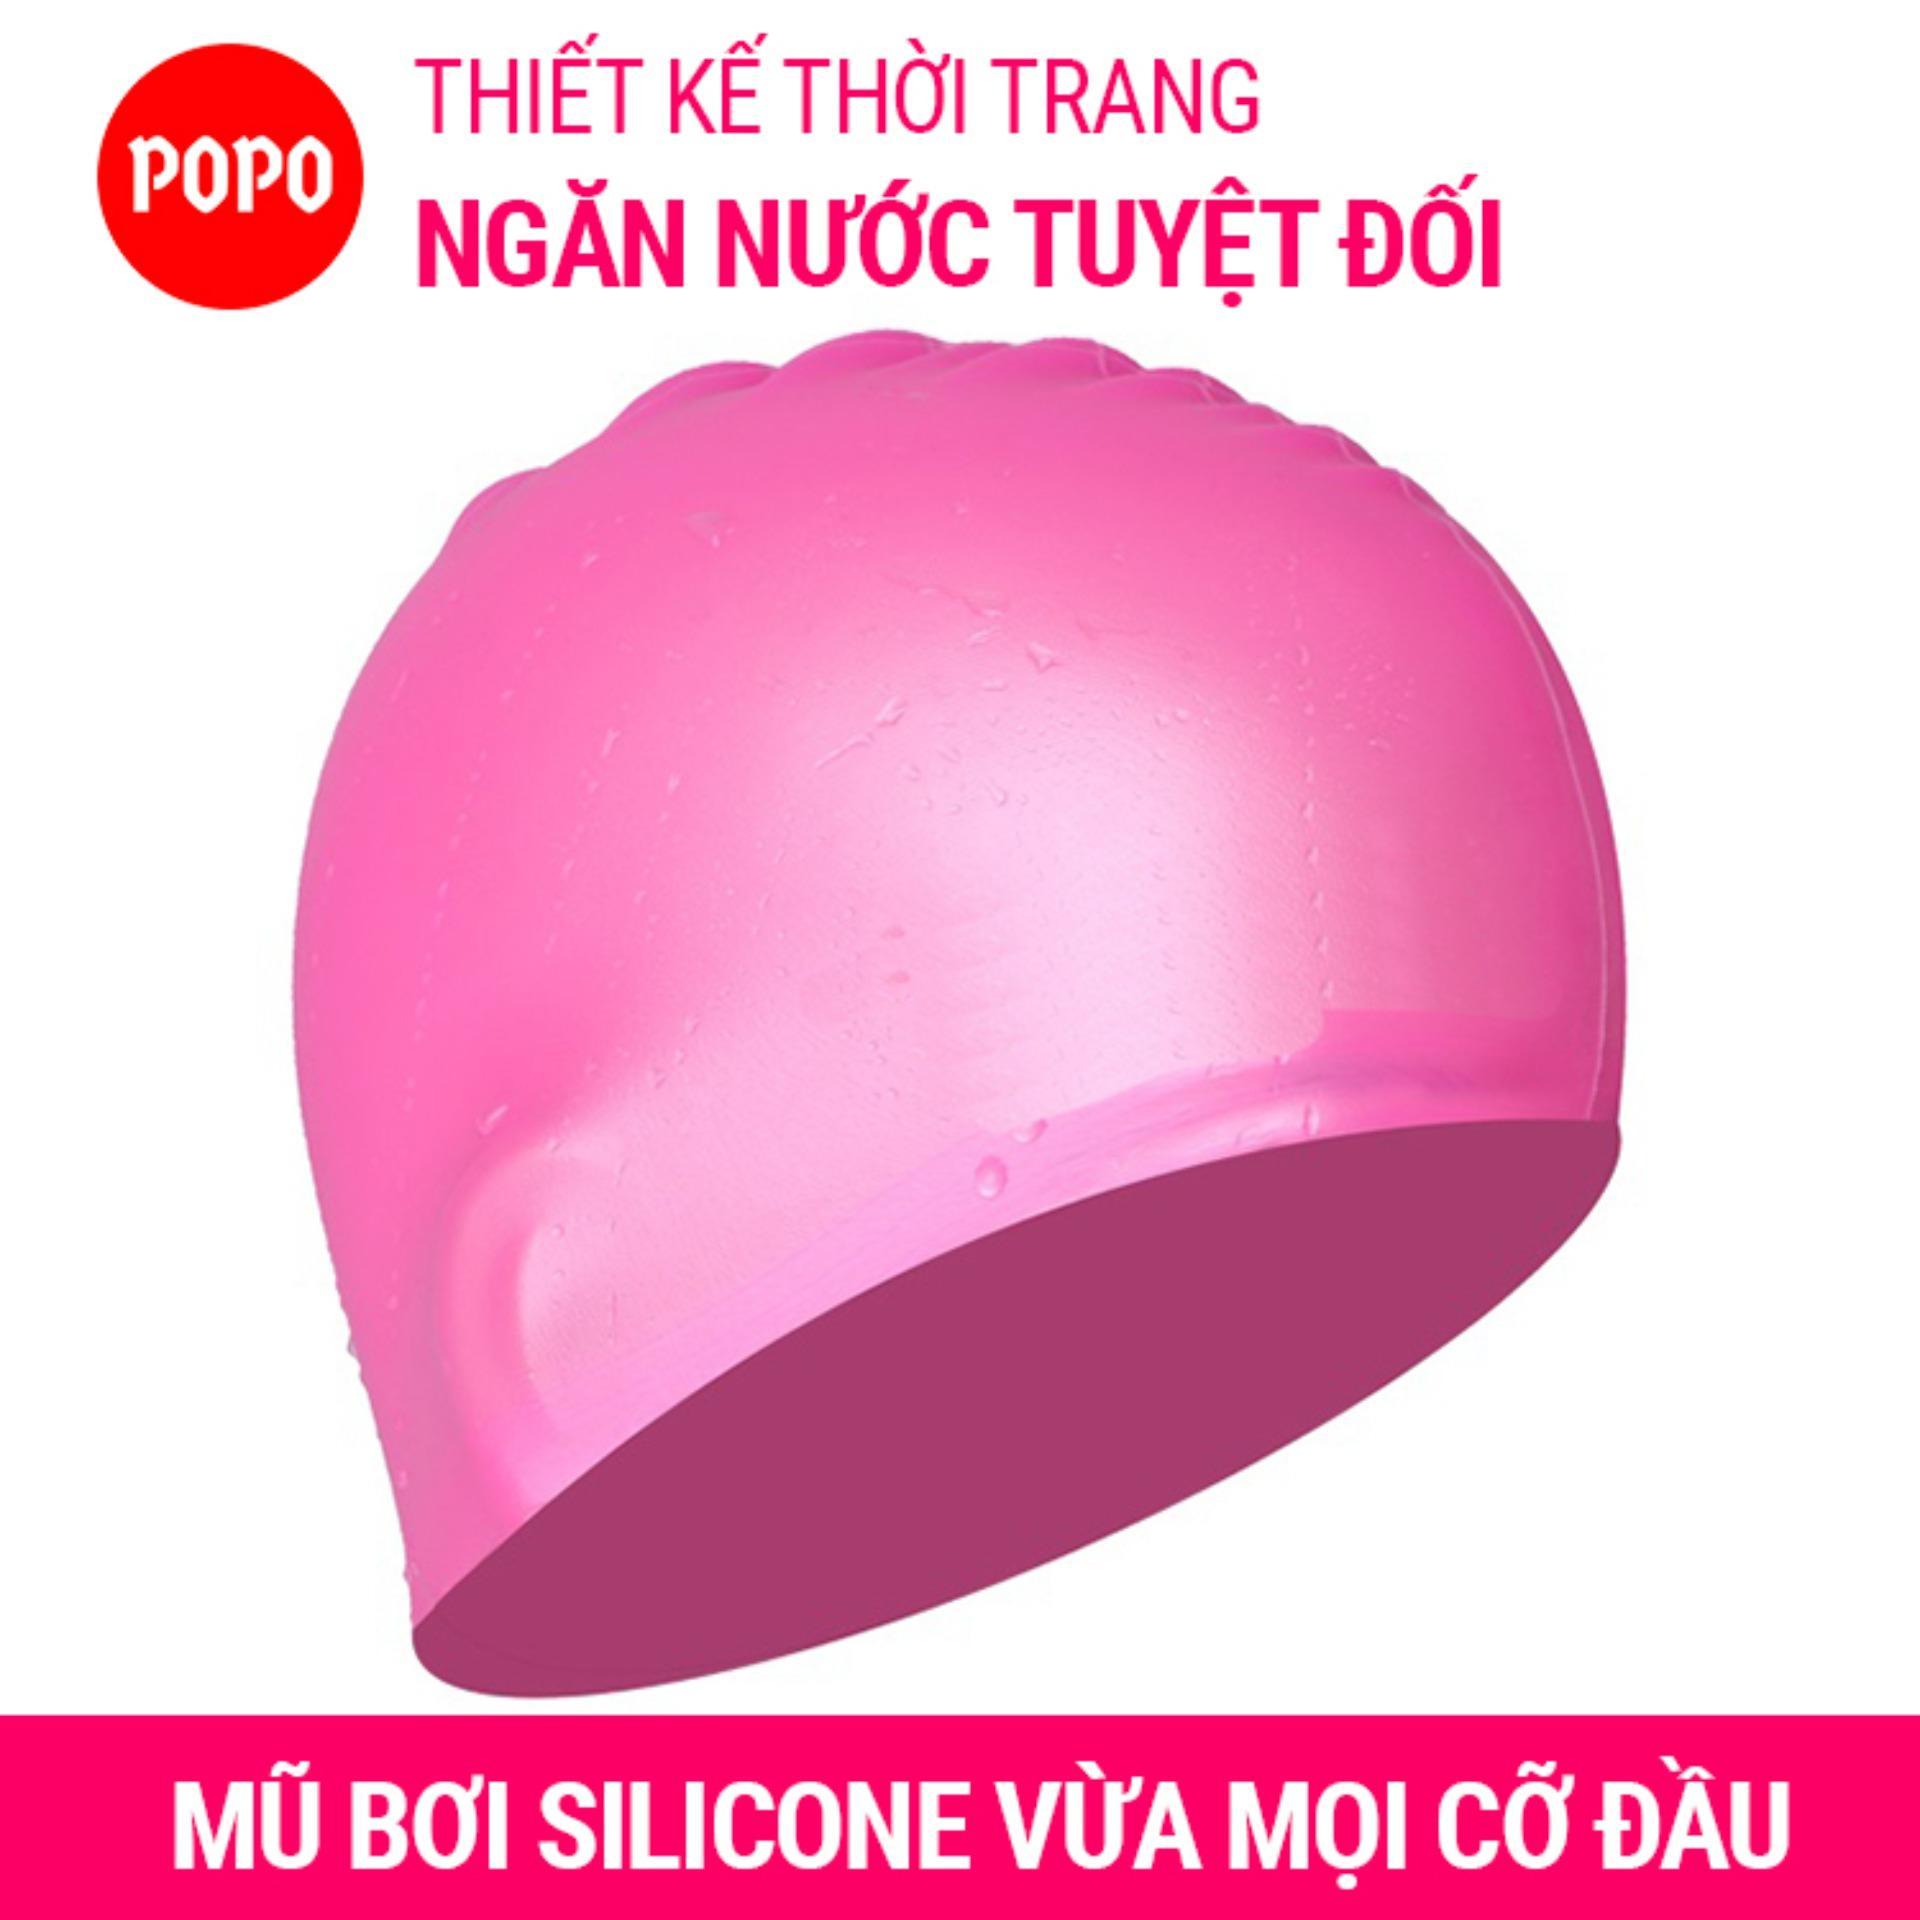 Nón bơi mũ bơi trơn silicone chống thống nước cao cấp CA31 POPO Collection 12